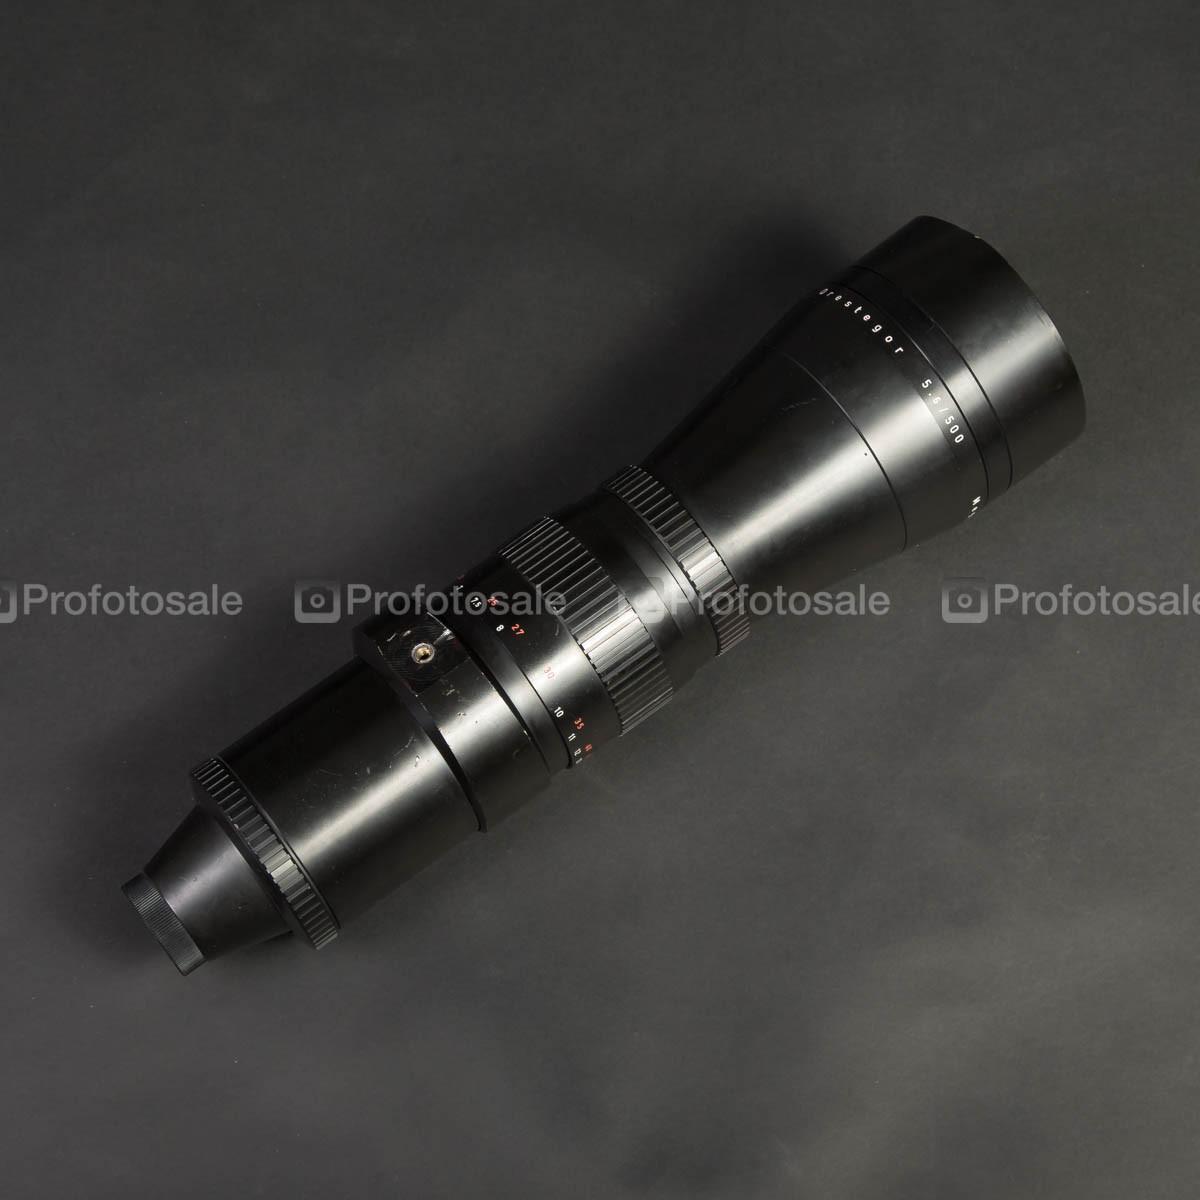 Meyer Optik Gorlitz 500mm f5.6